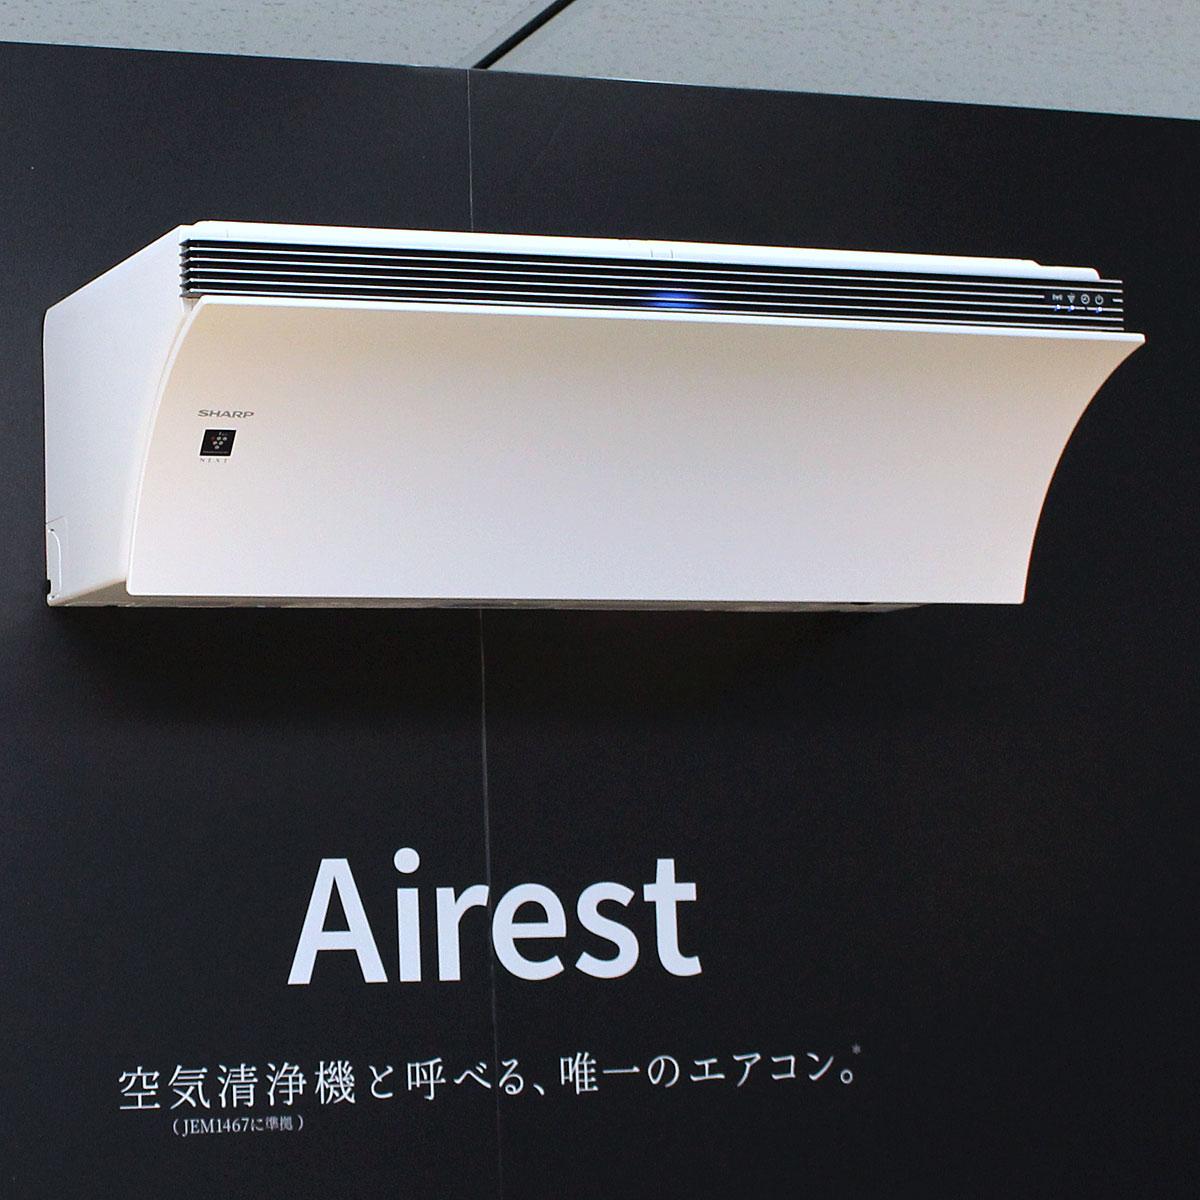 シャープから、空気清浄機としての業界基準をクリアした新エアコン「Airest」登場